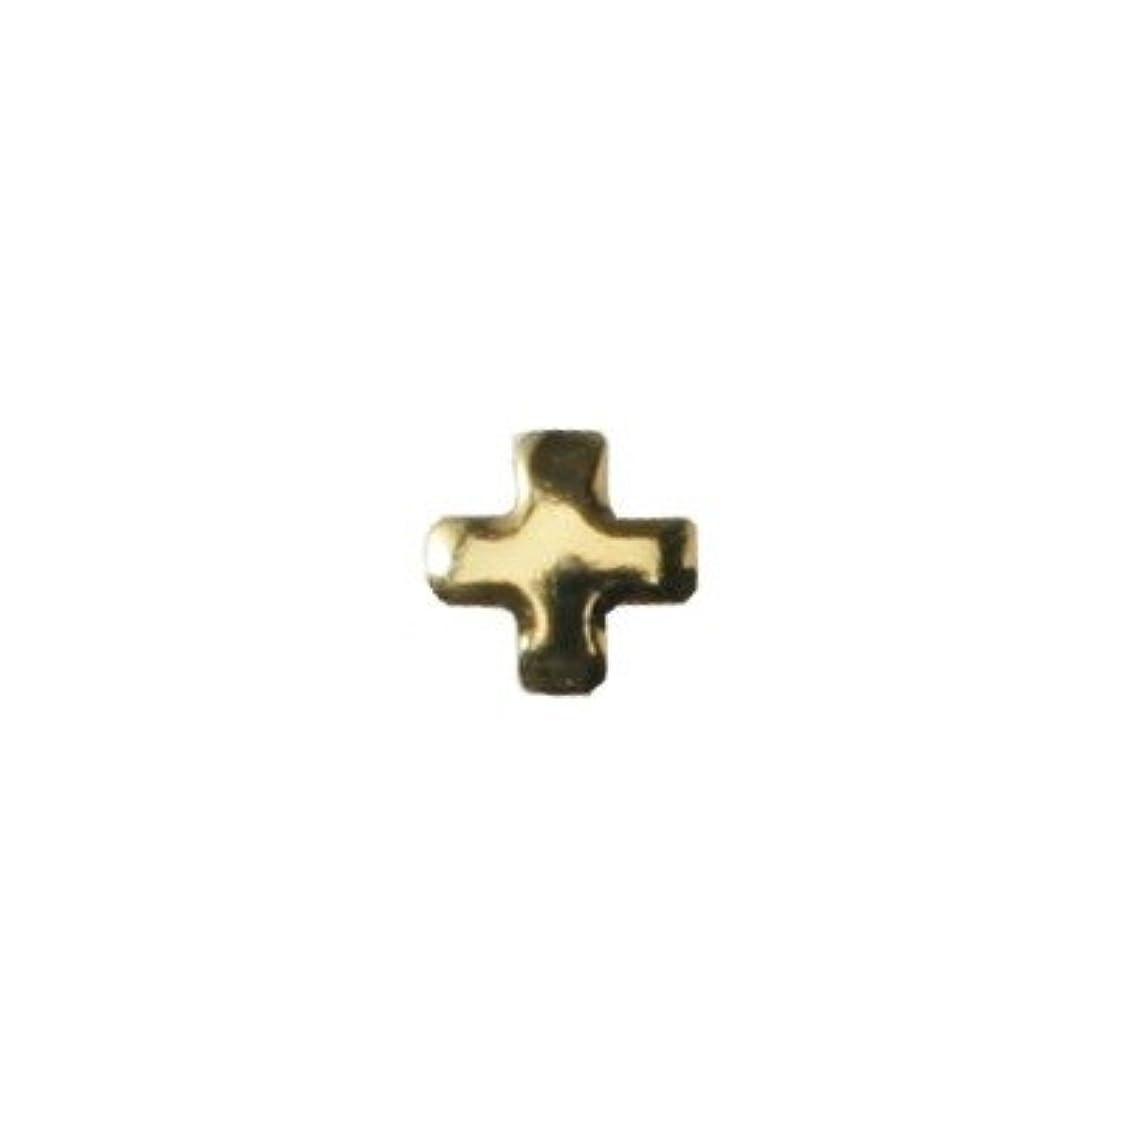 ブルゴーニュ裁定ペチコートピアドラ スタッズ クロスレット 3mm 50P ゴールド